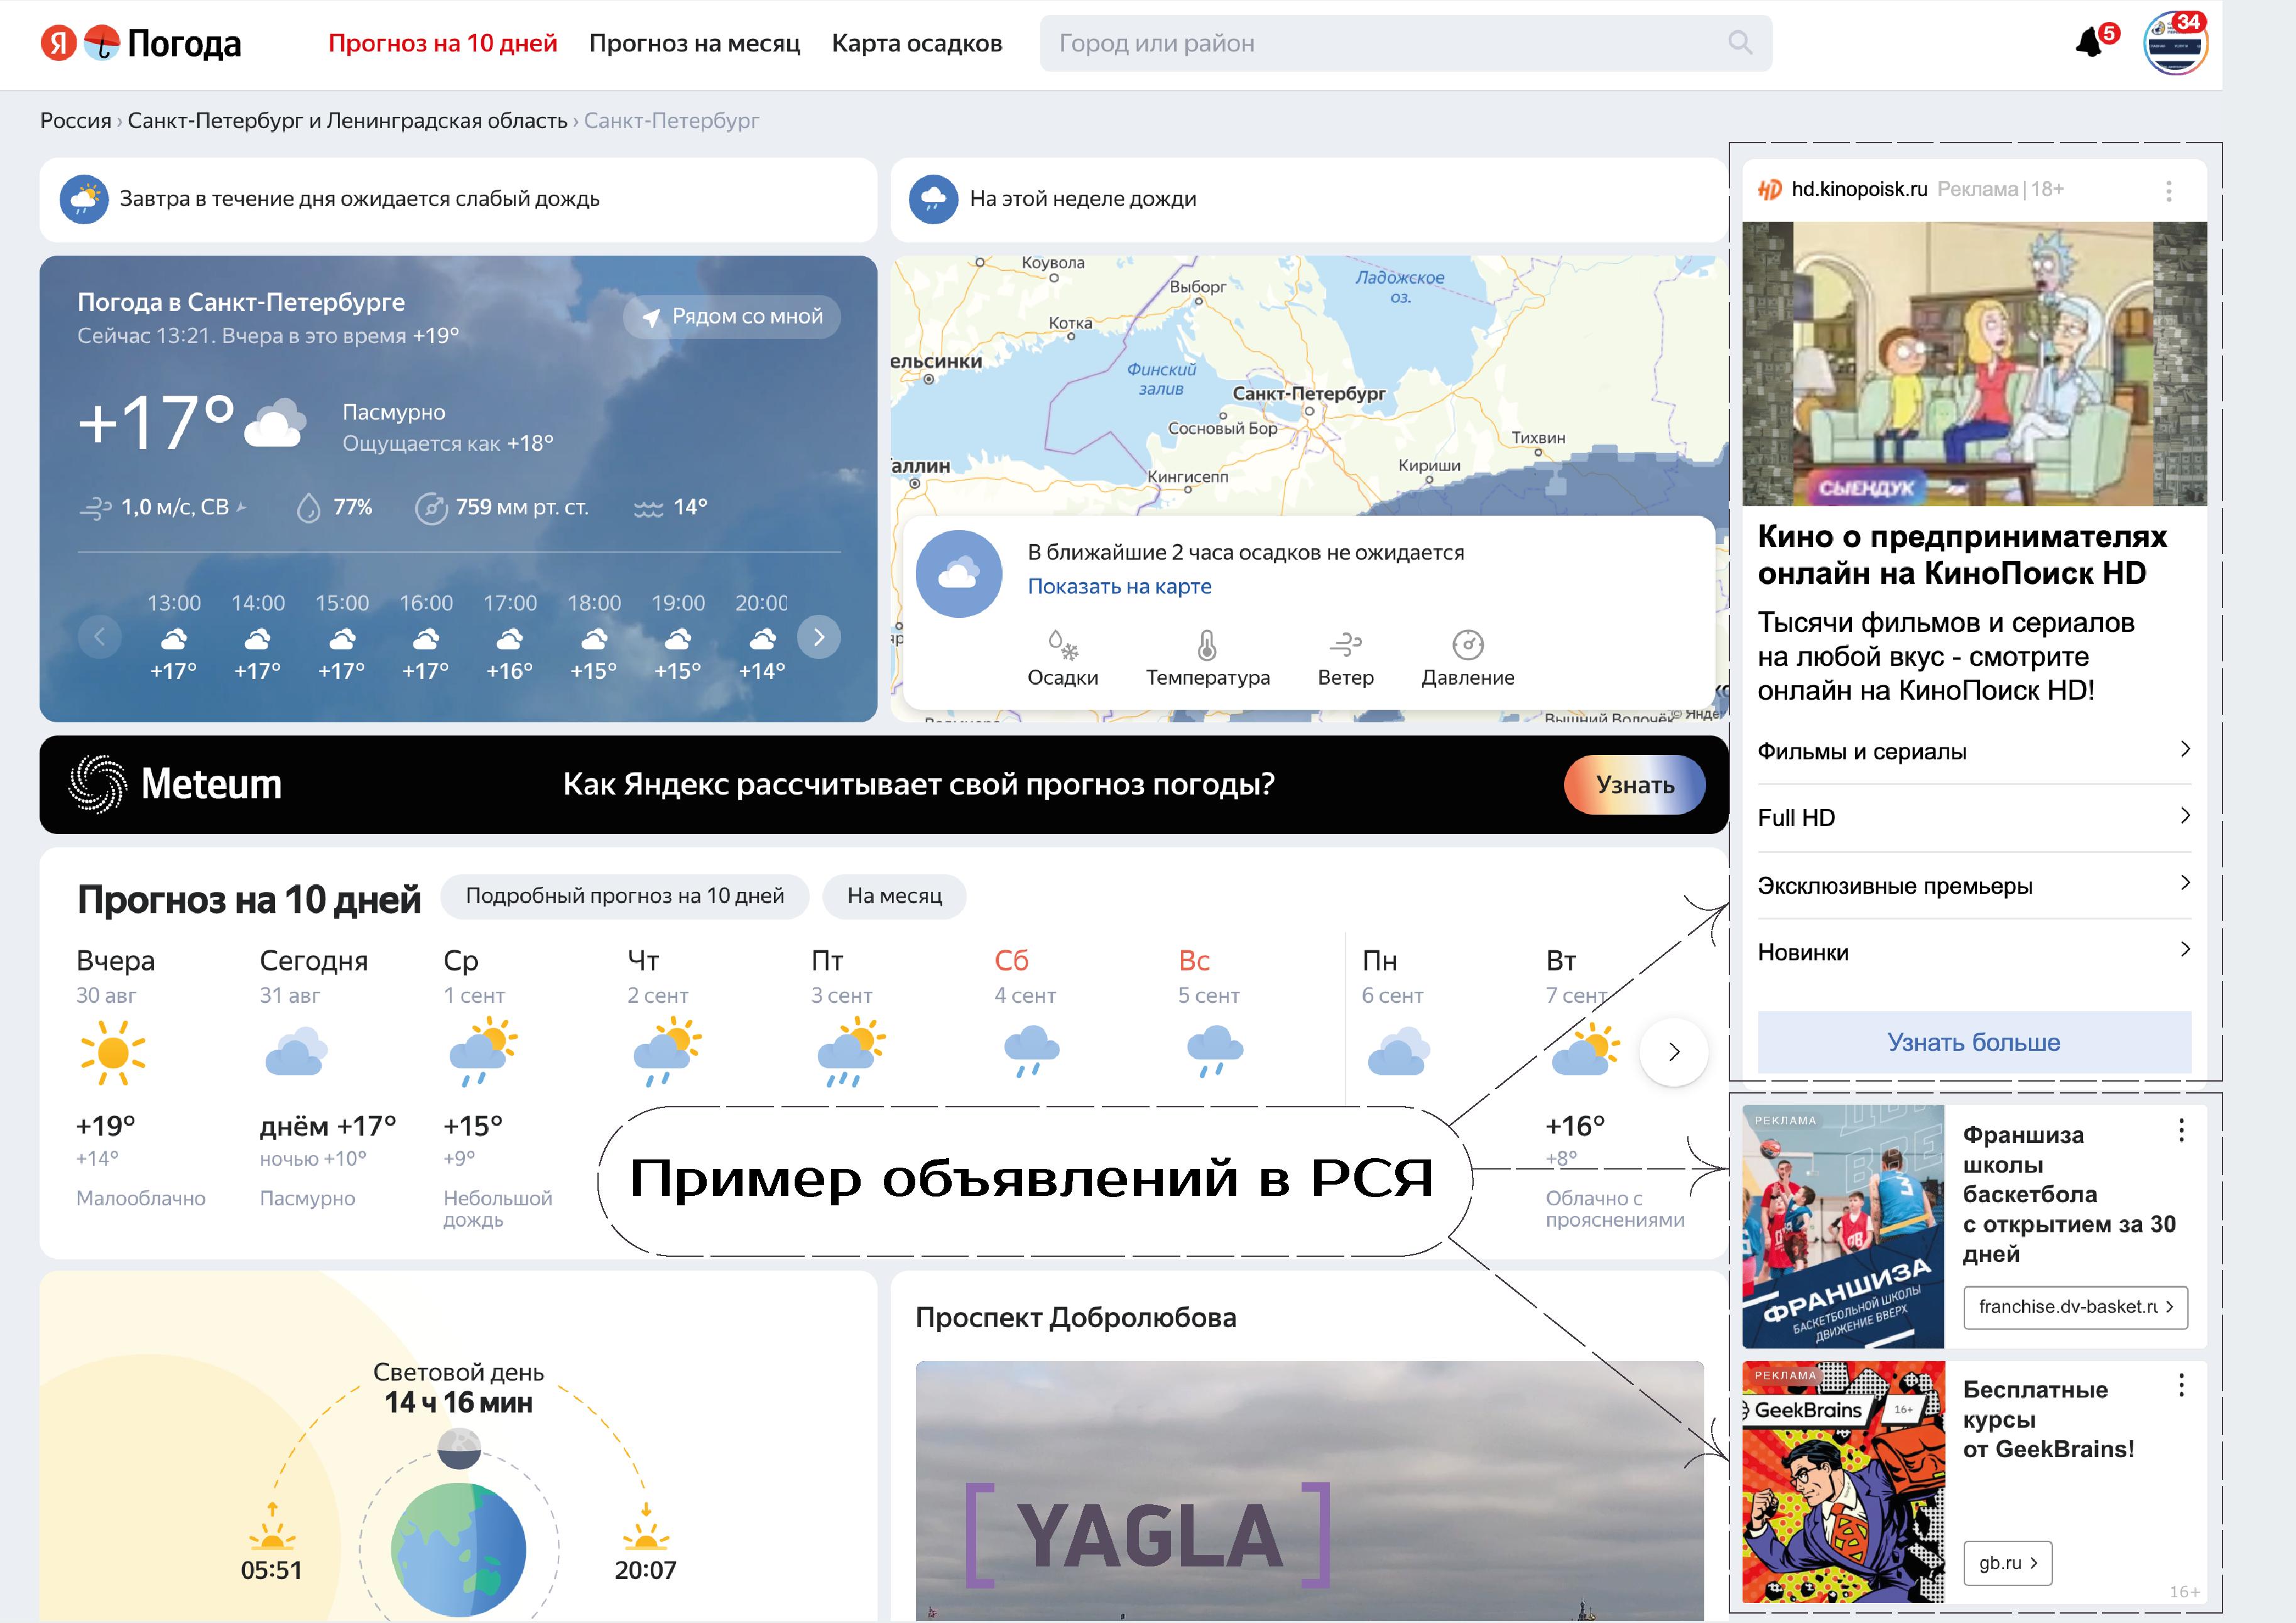 Объявления в РСЯ Яндекс.Директ пример